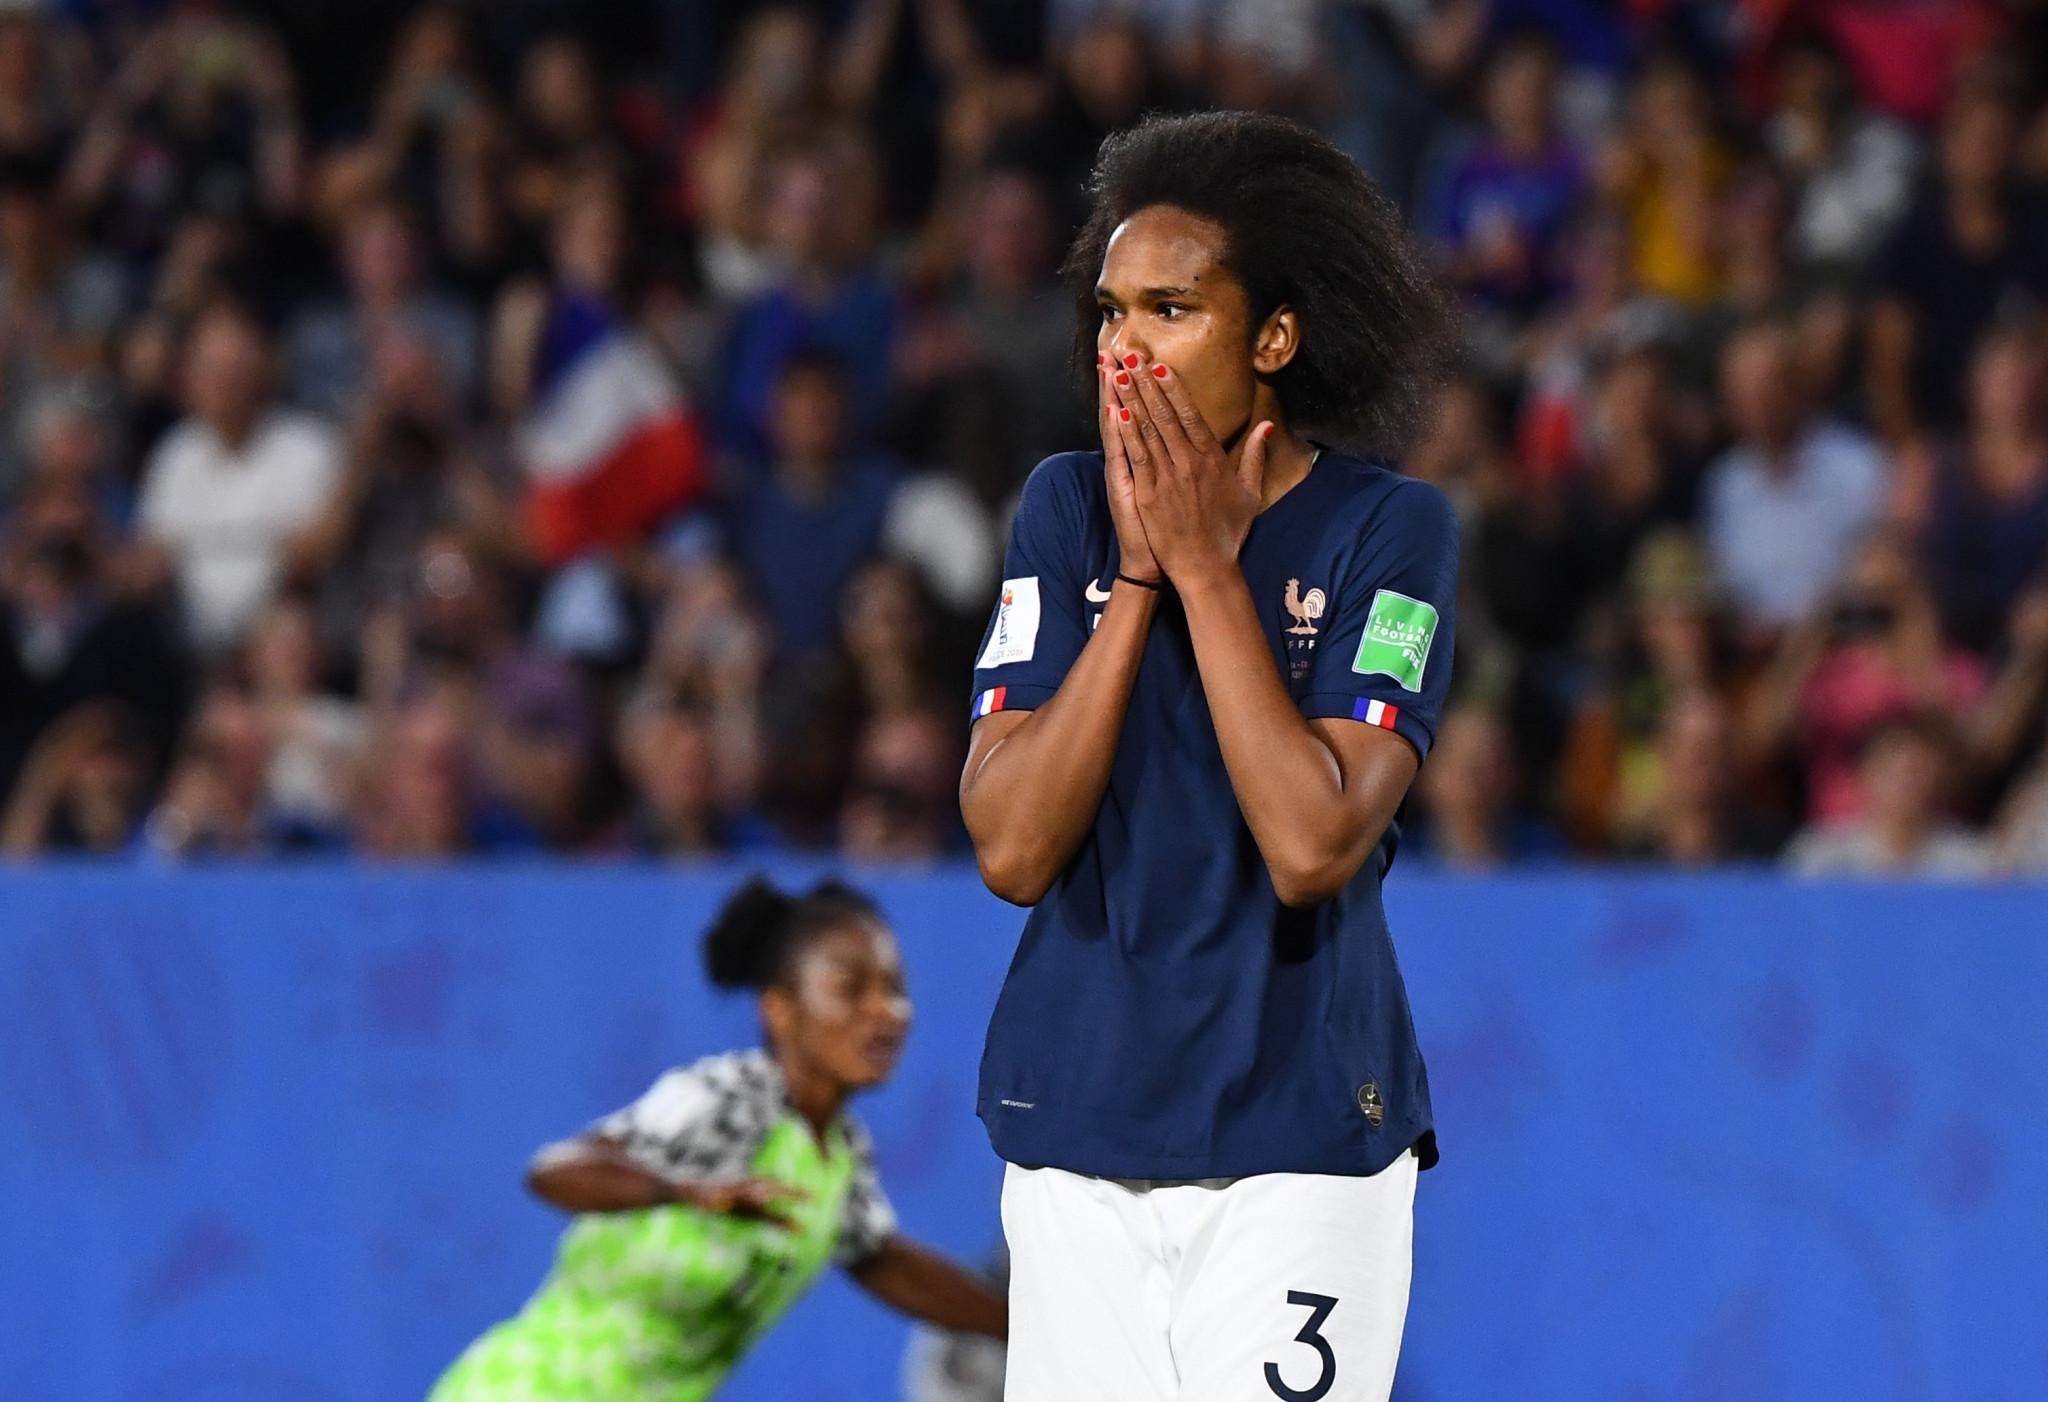 France defender Wendie Renard missed a late penalty against Nigeria ©Getty Images